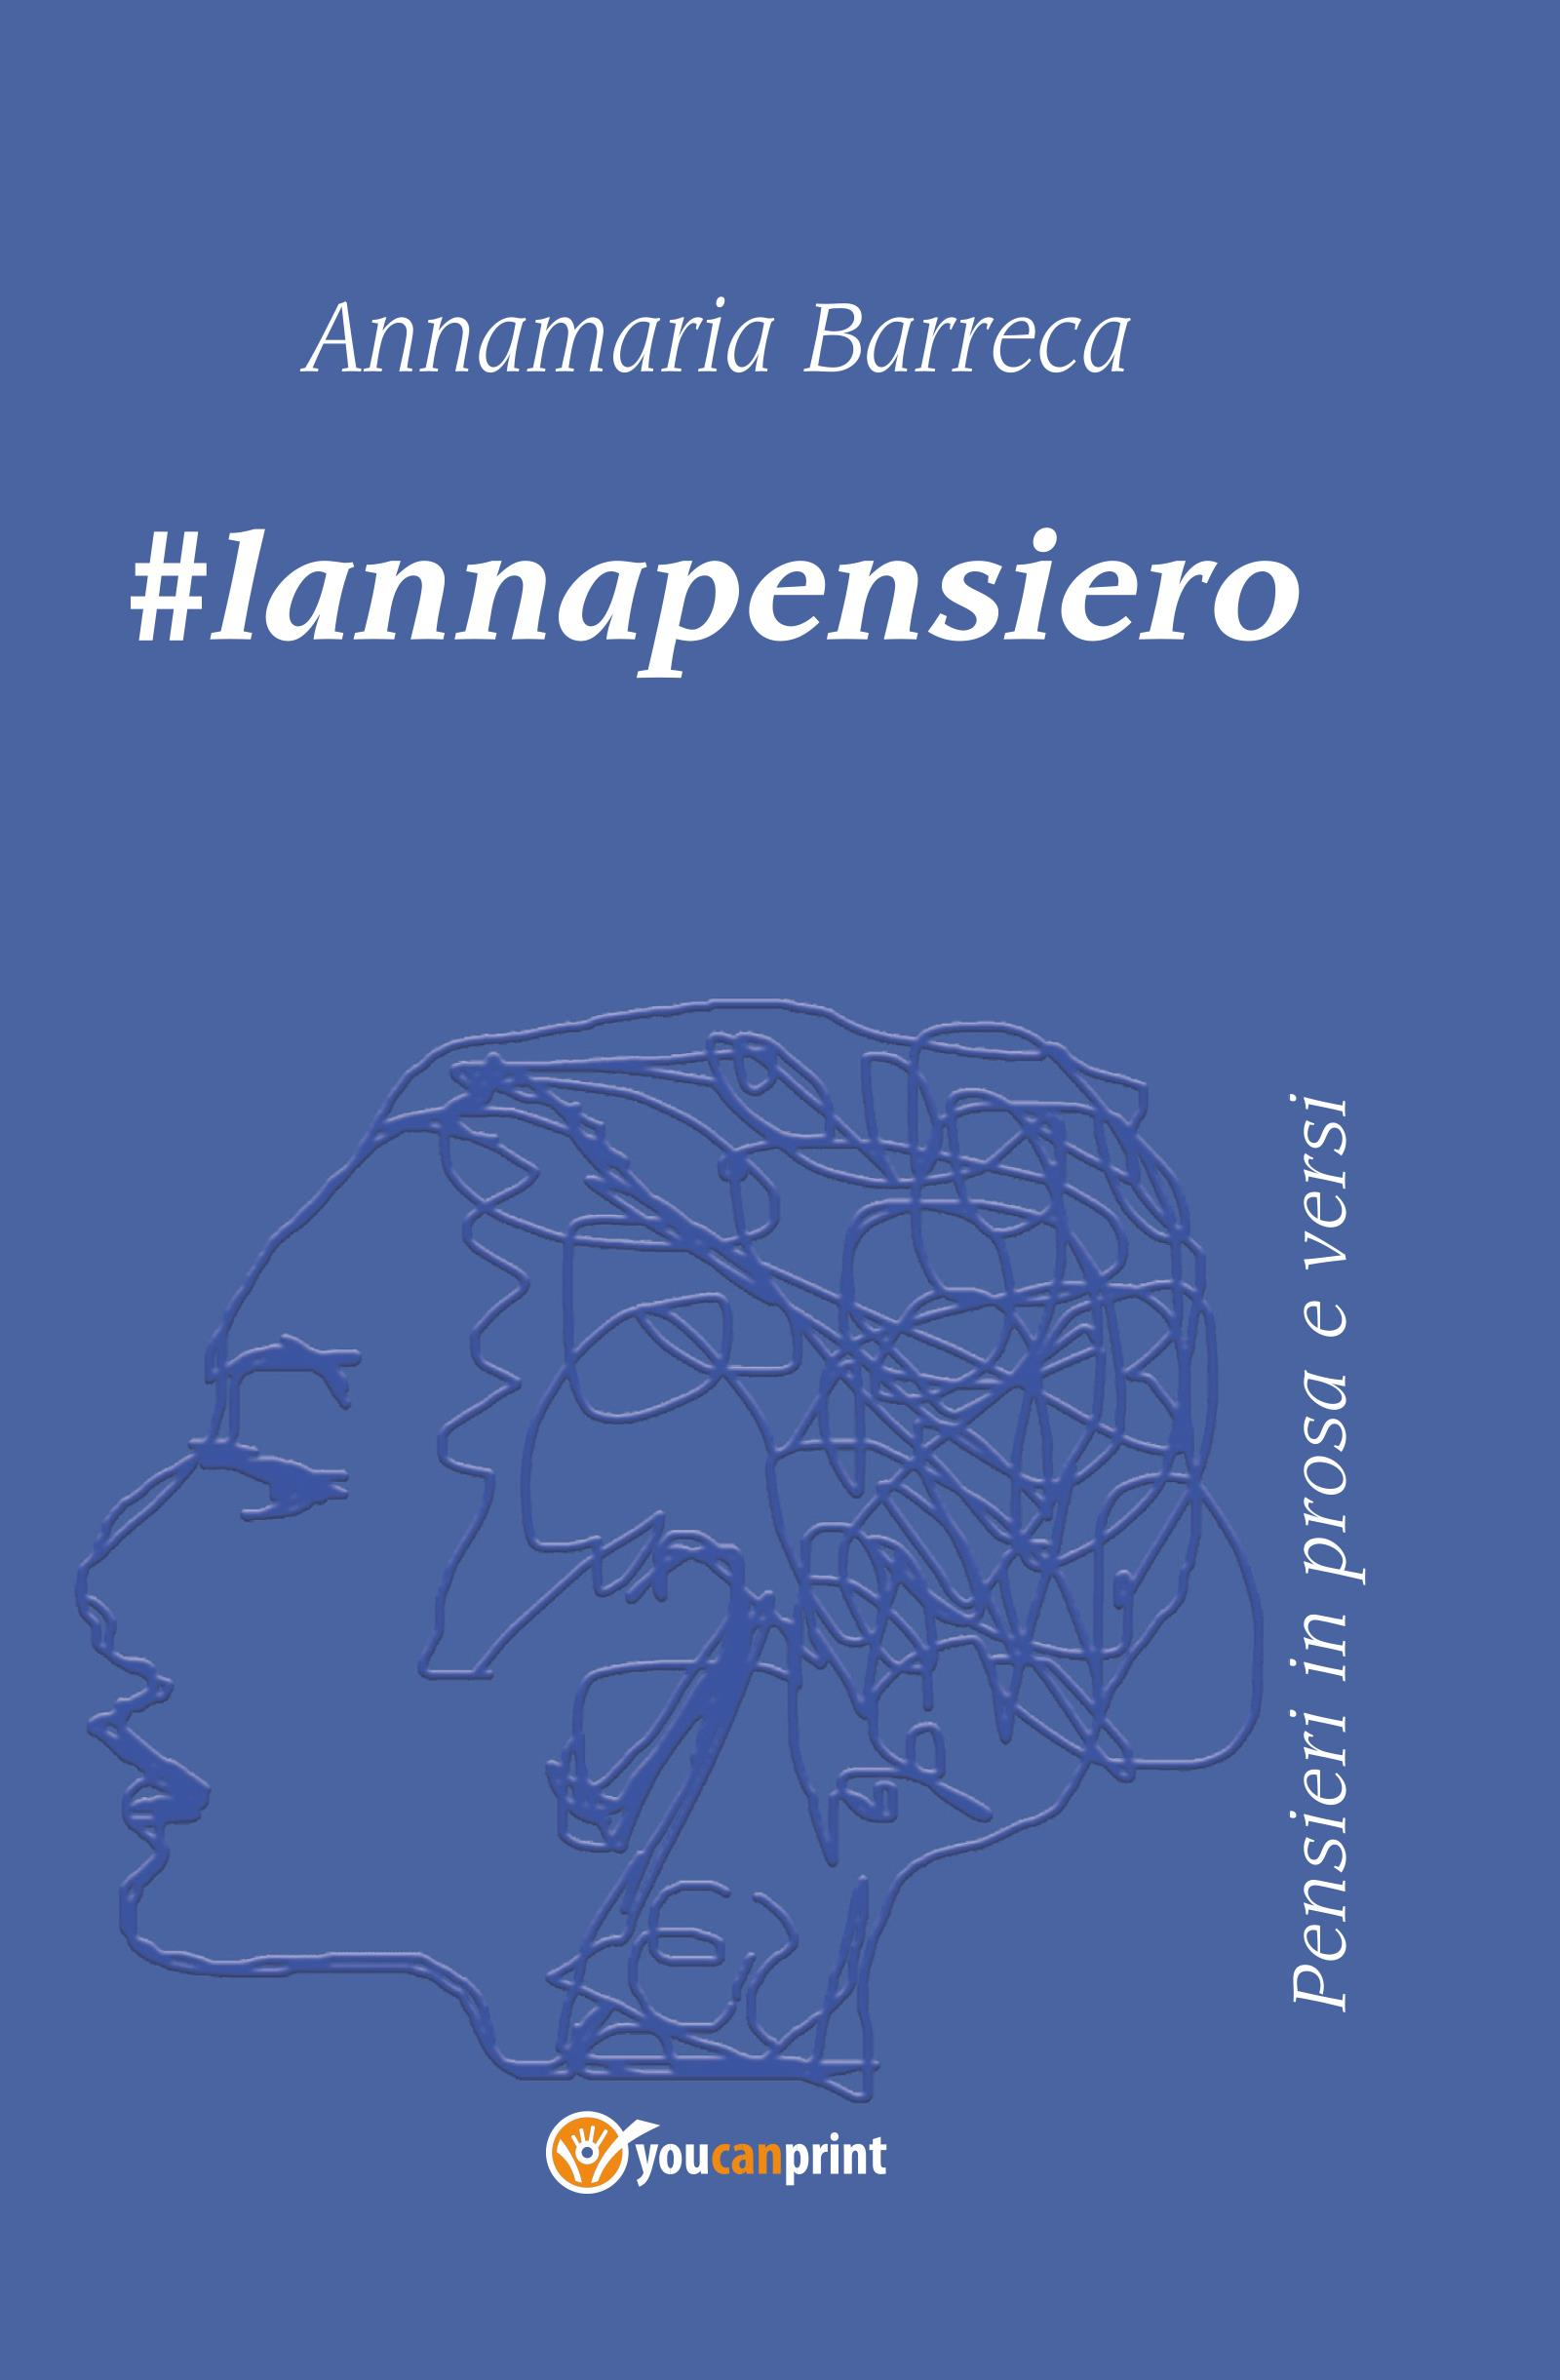 #lannapensiero